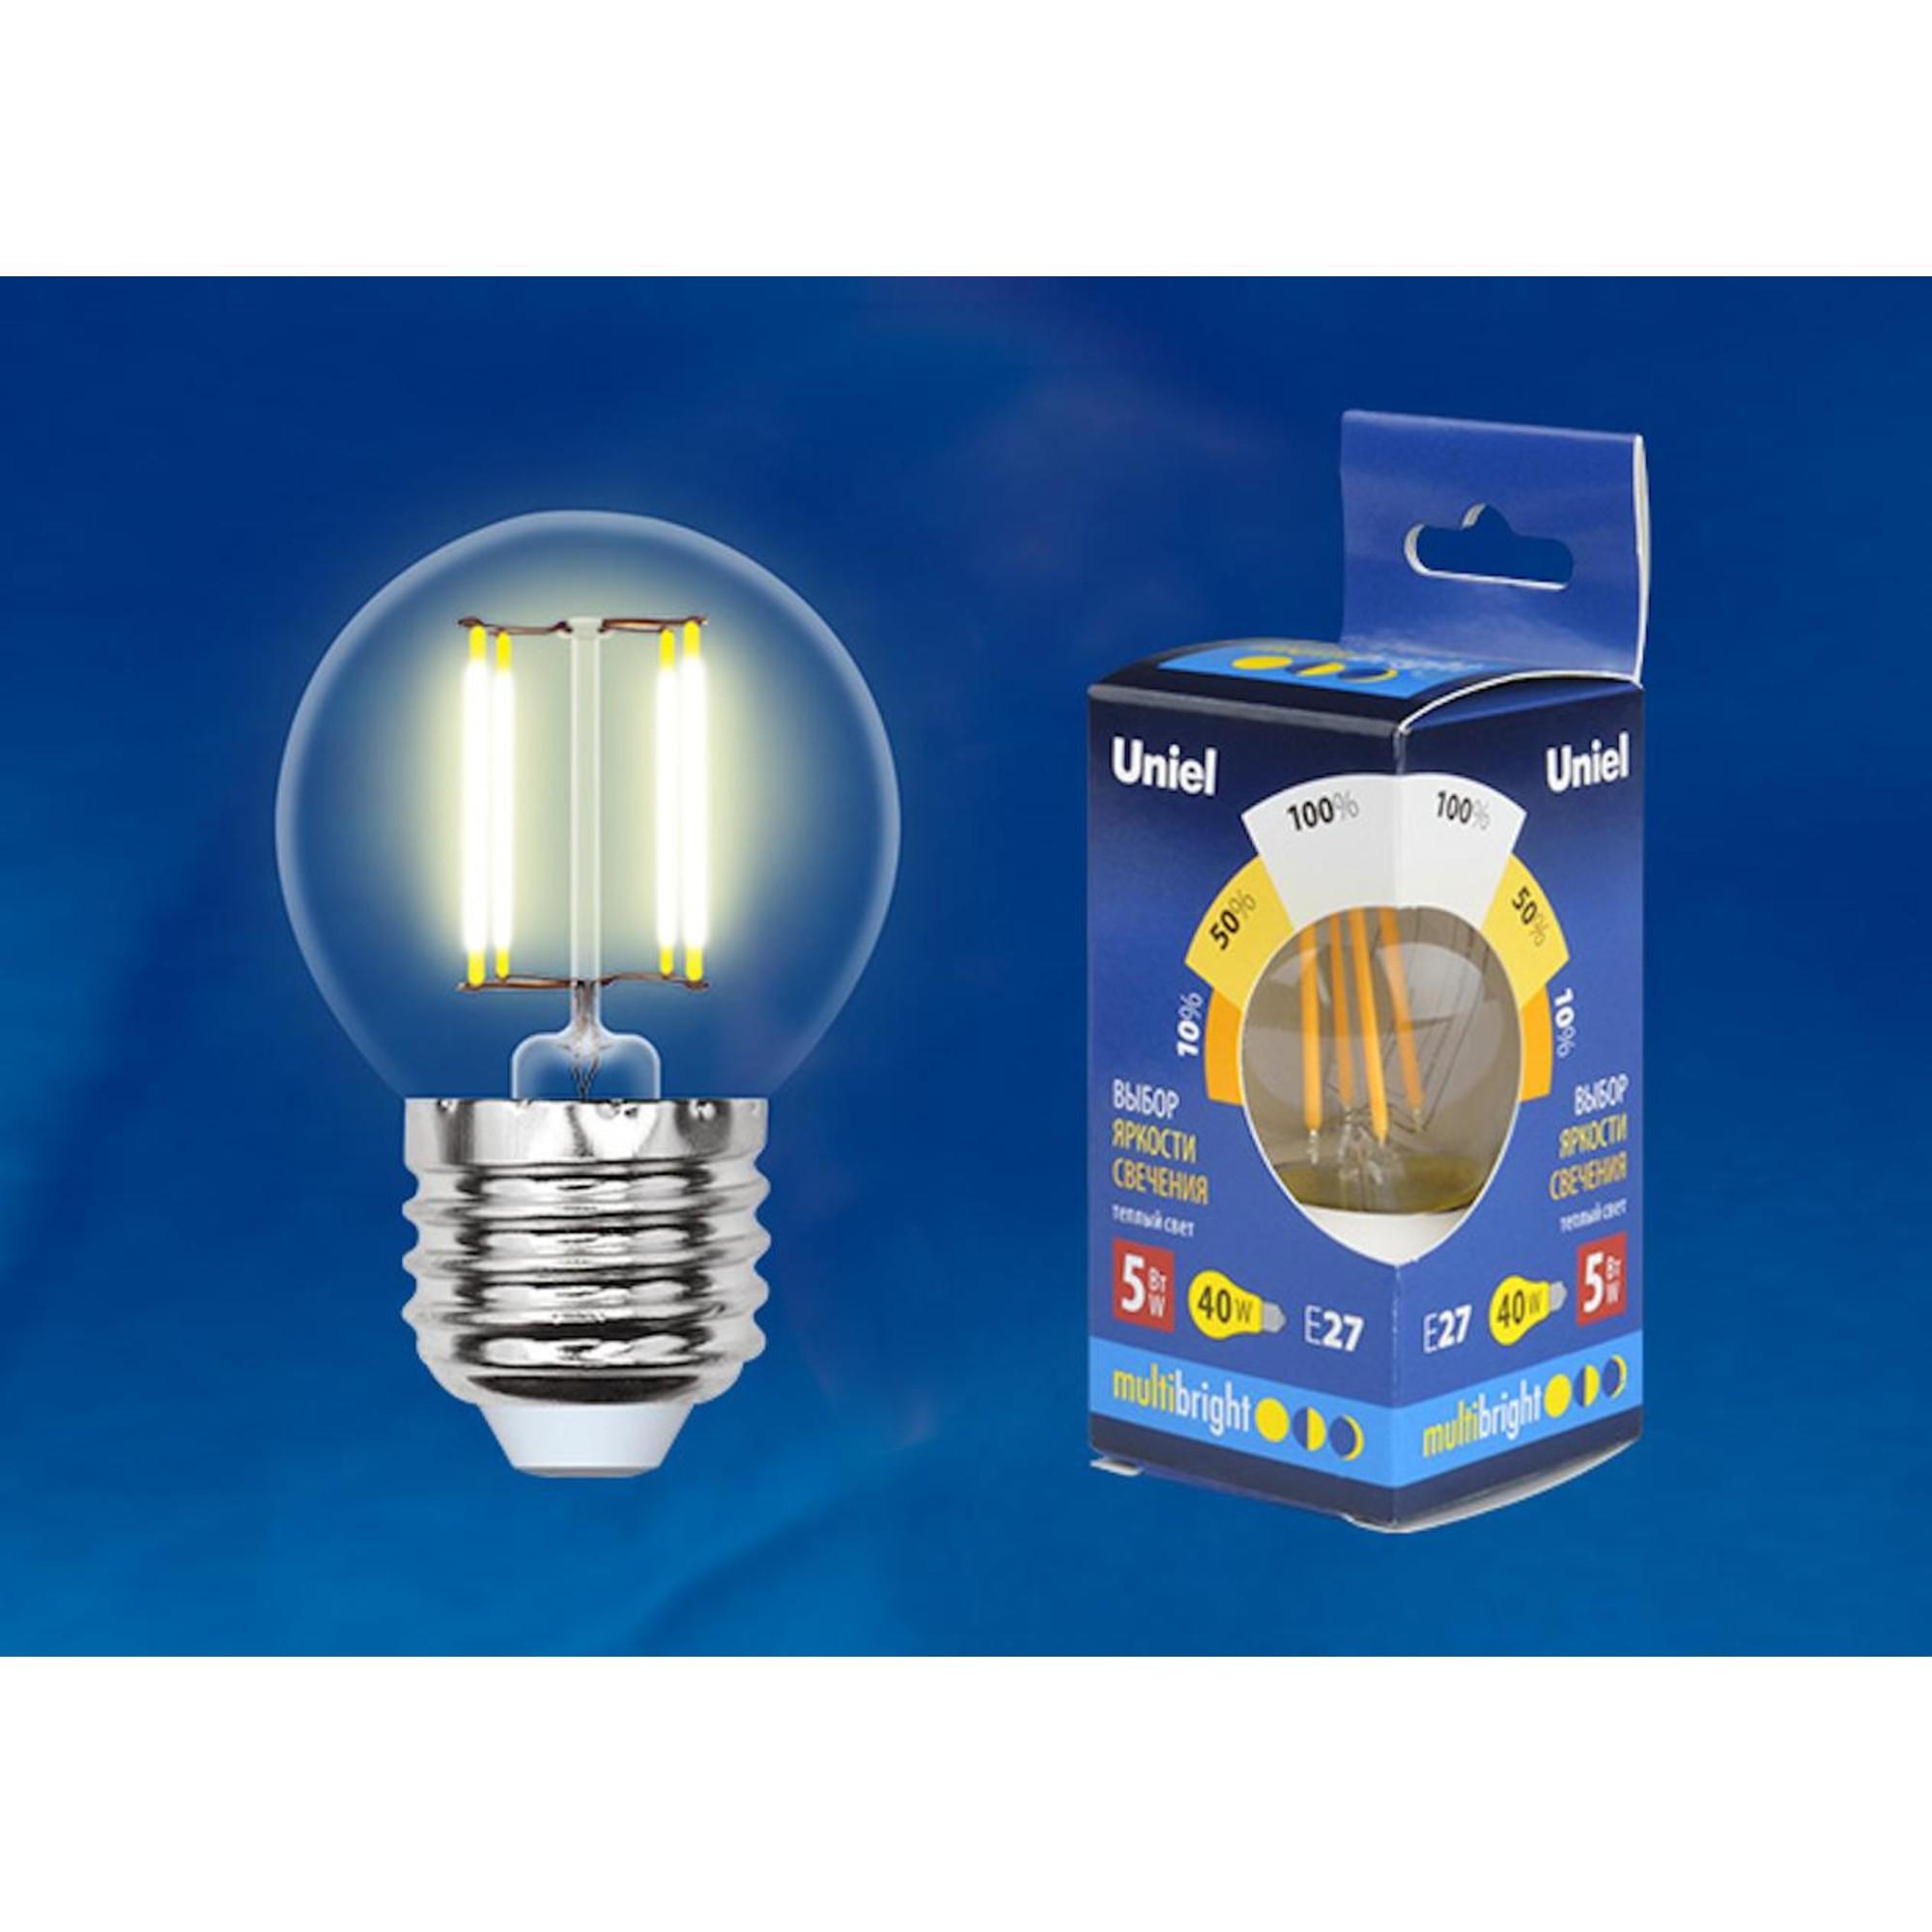 Светодиодная лампочка Uniel LED-G45-5W Multibright UL-00002370